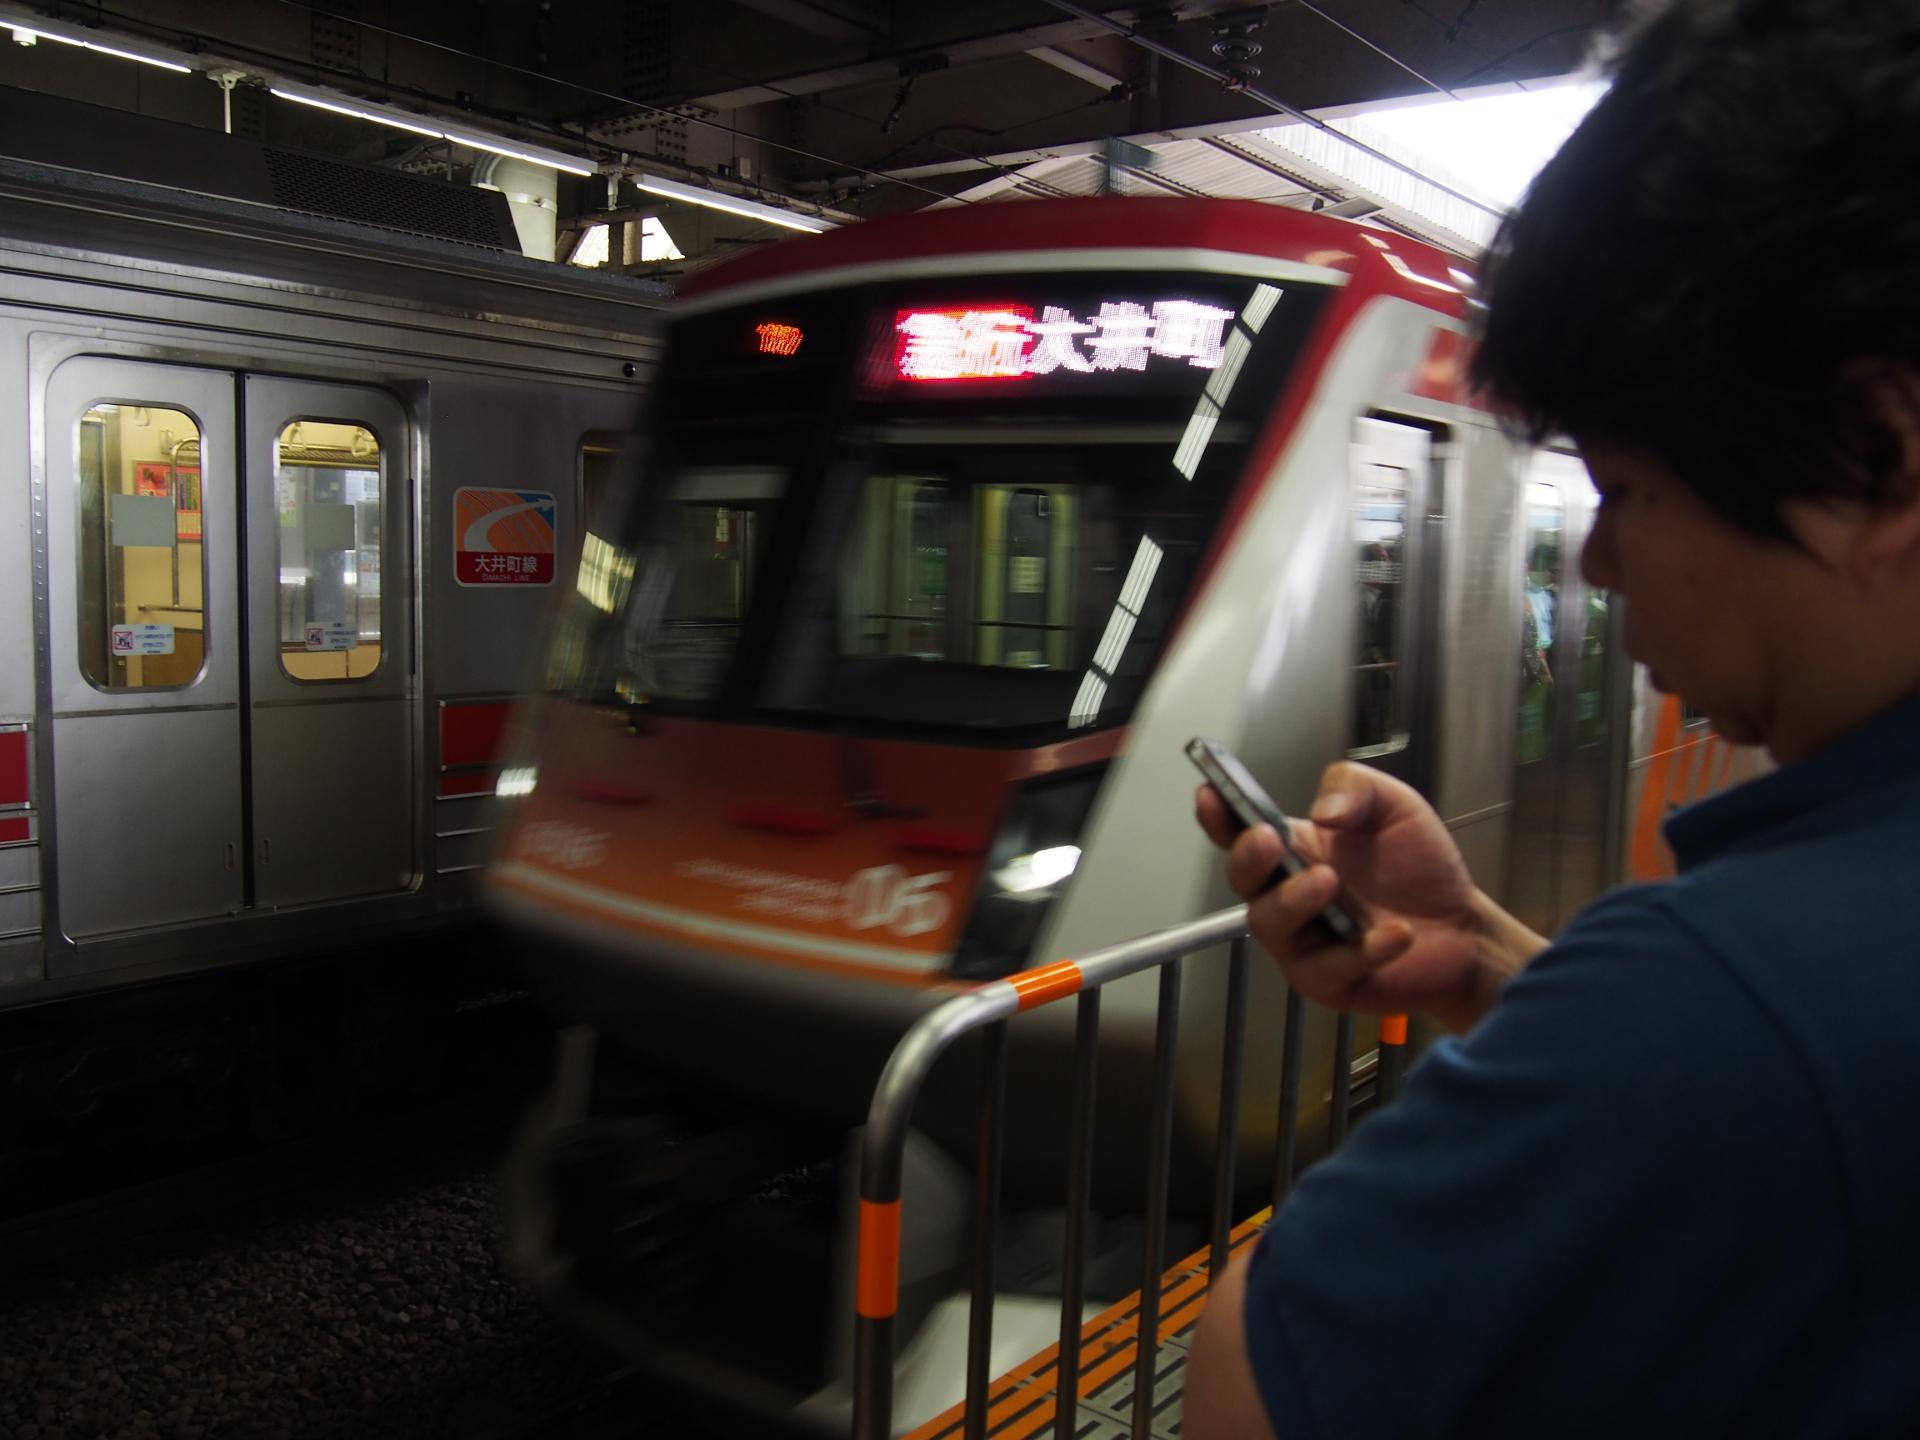 東急新6000系大井町線急行専用車両です。